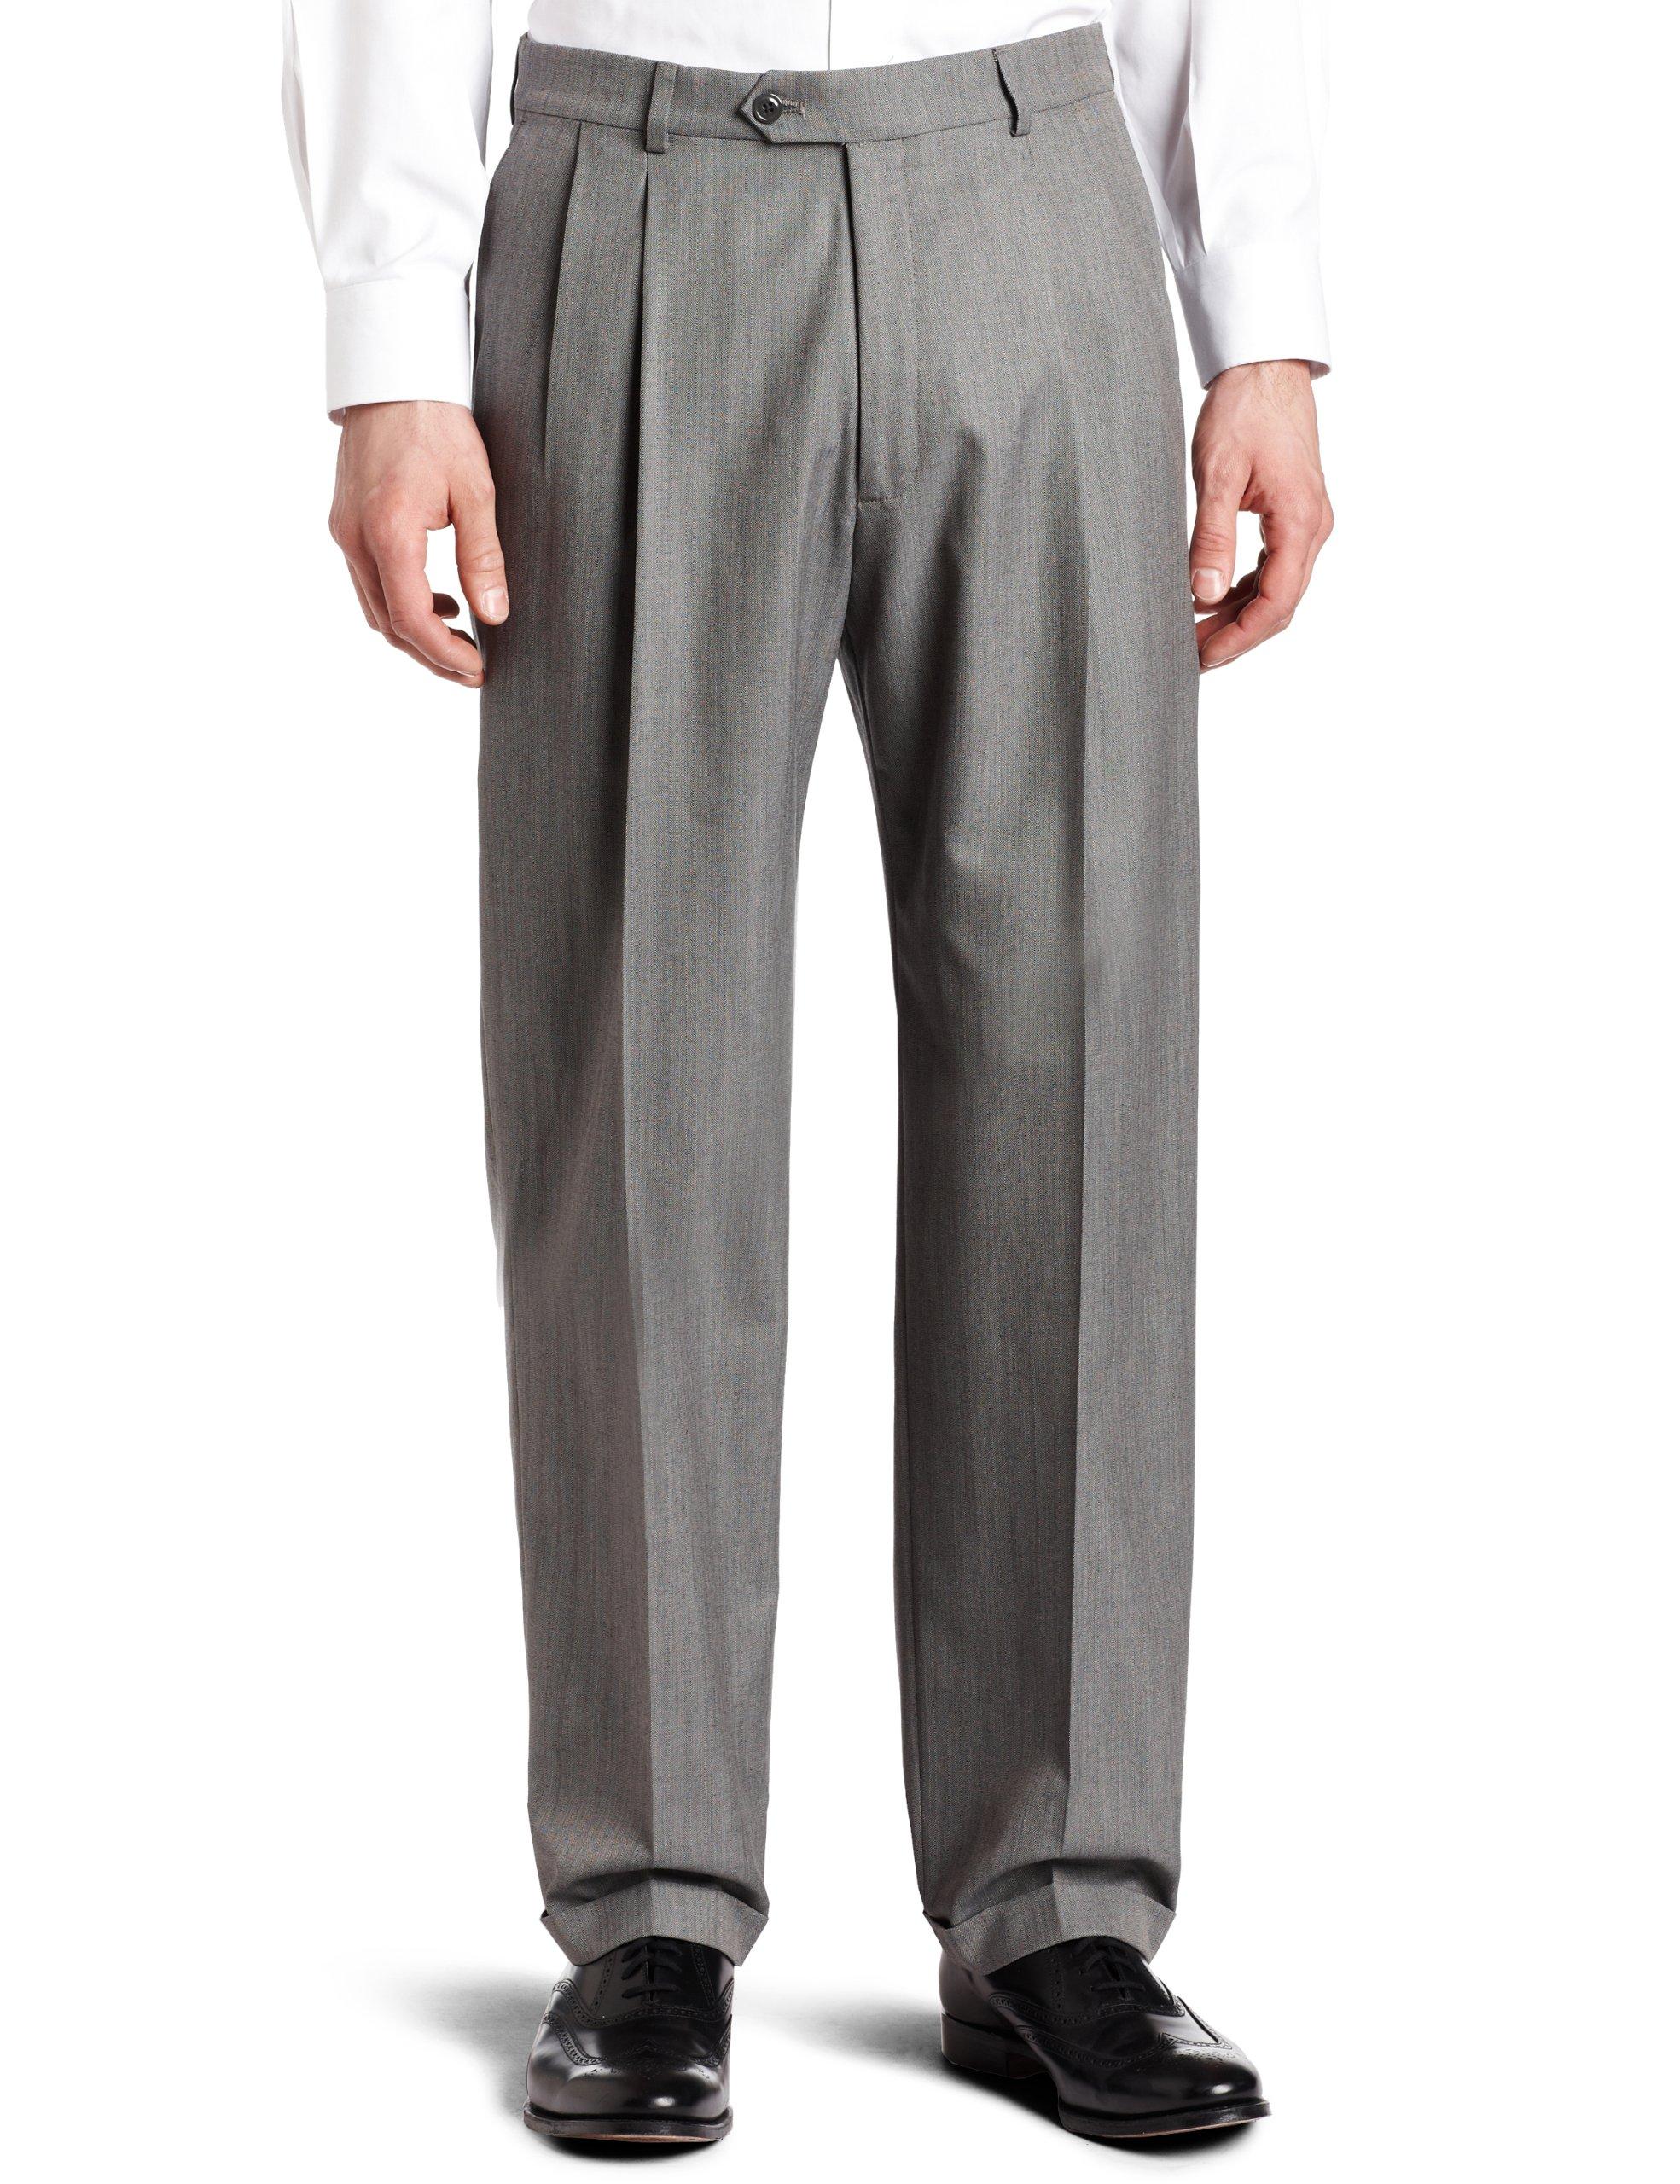 Haggar Men's Herringbone Pleat Front Cuff Suit Separate Pant,Gray,34 / 32 by Haggar